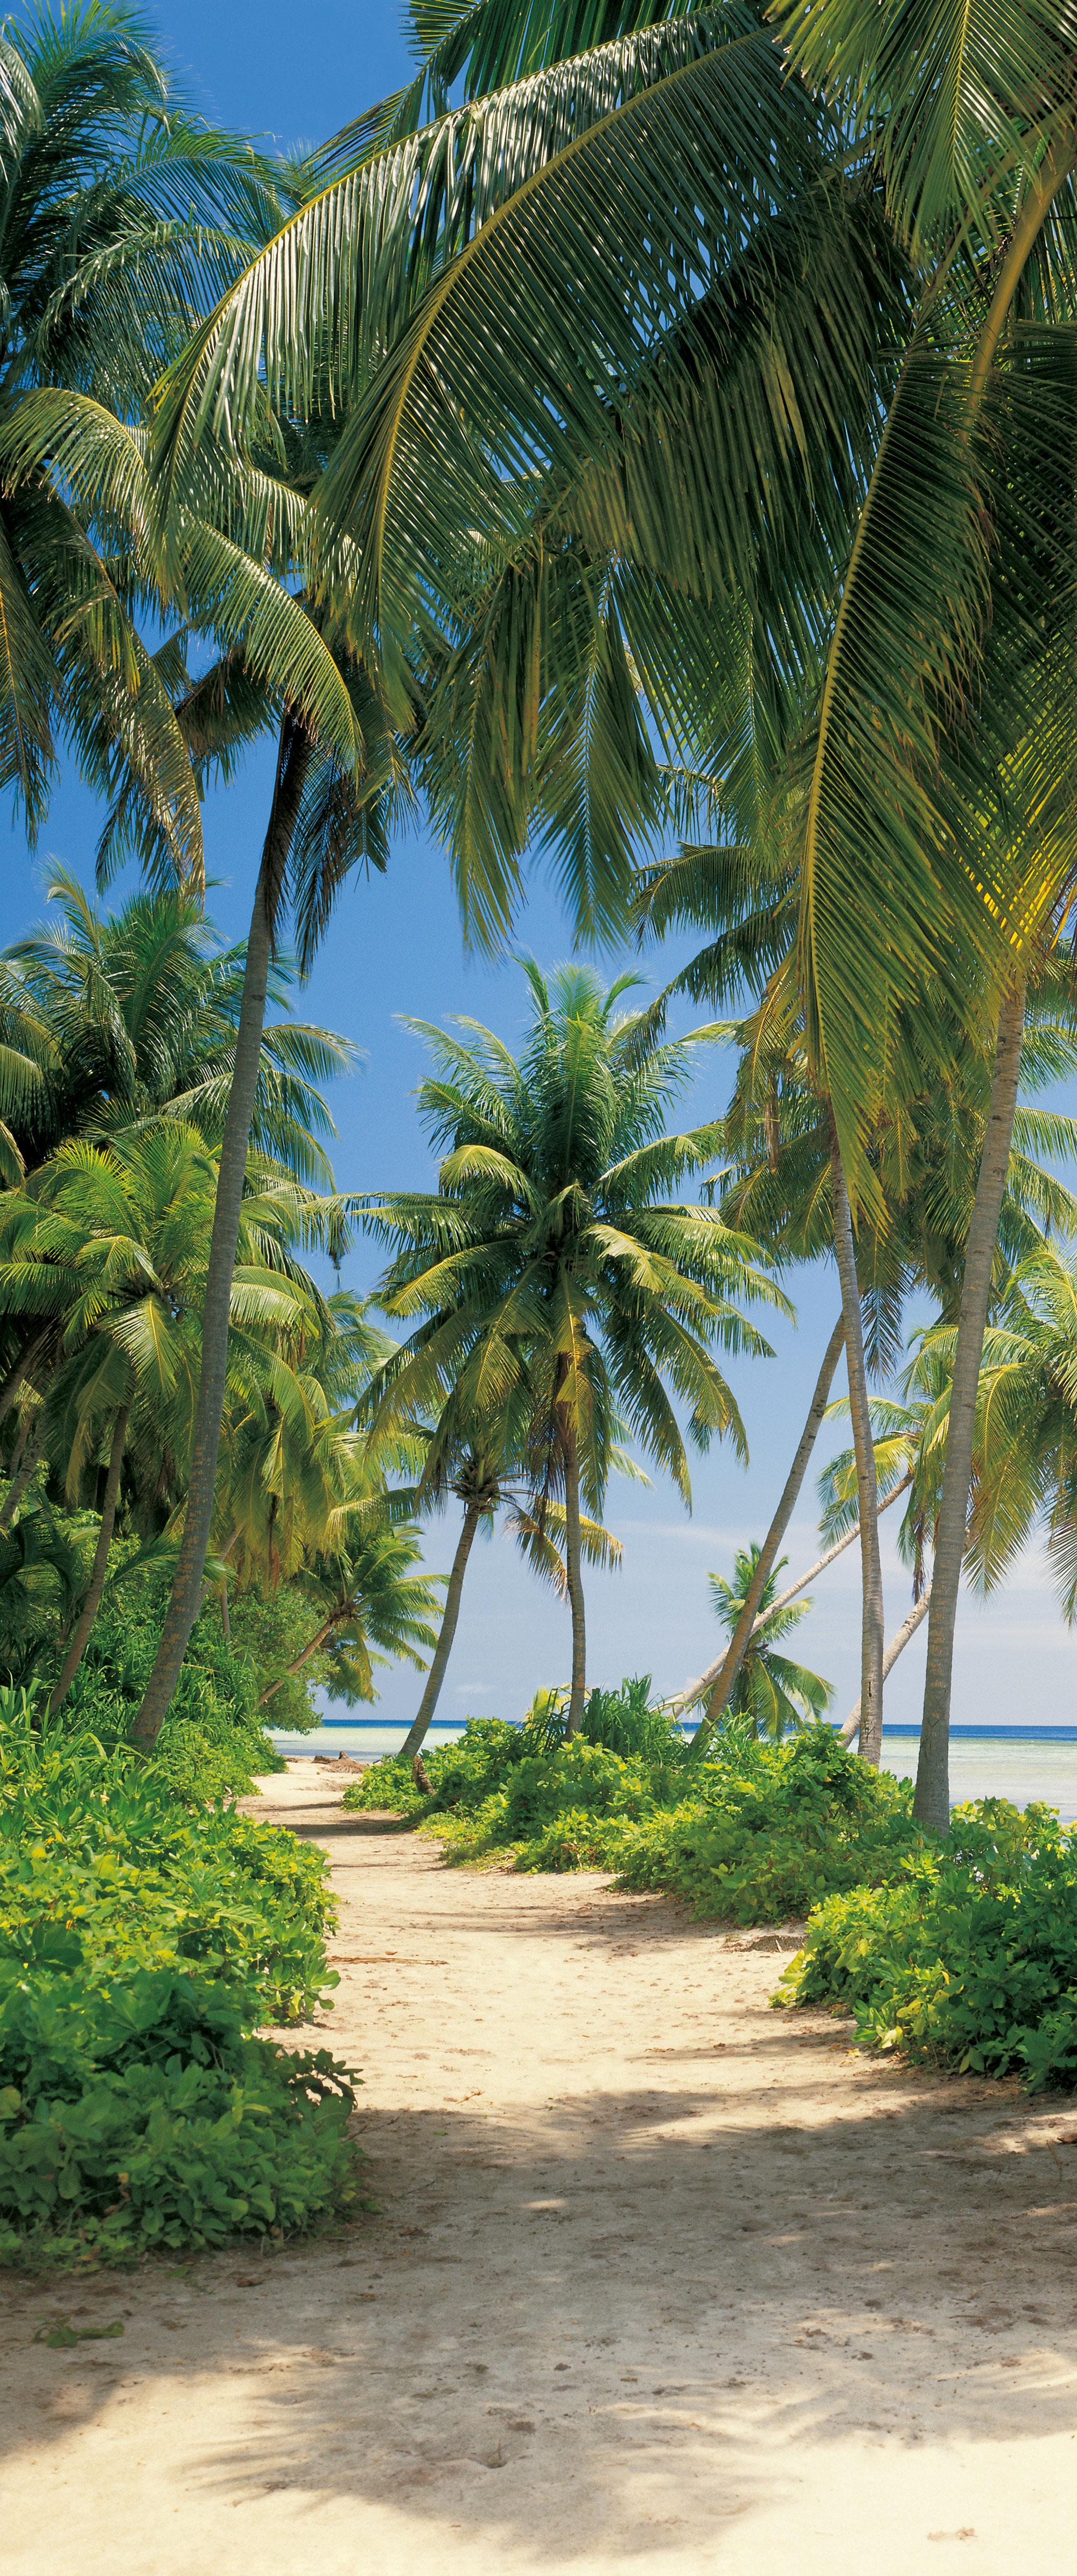 Fototapeta dvoudílná - palmy